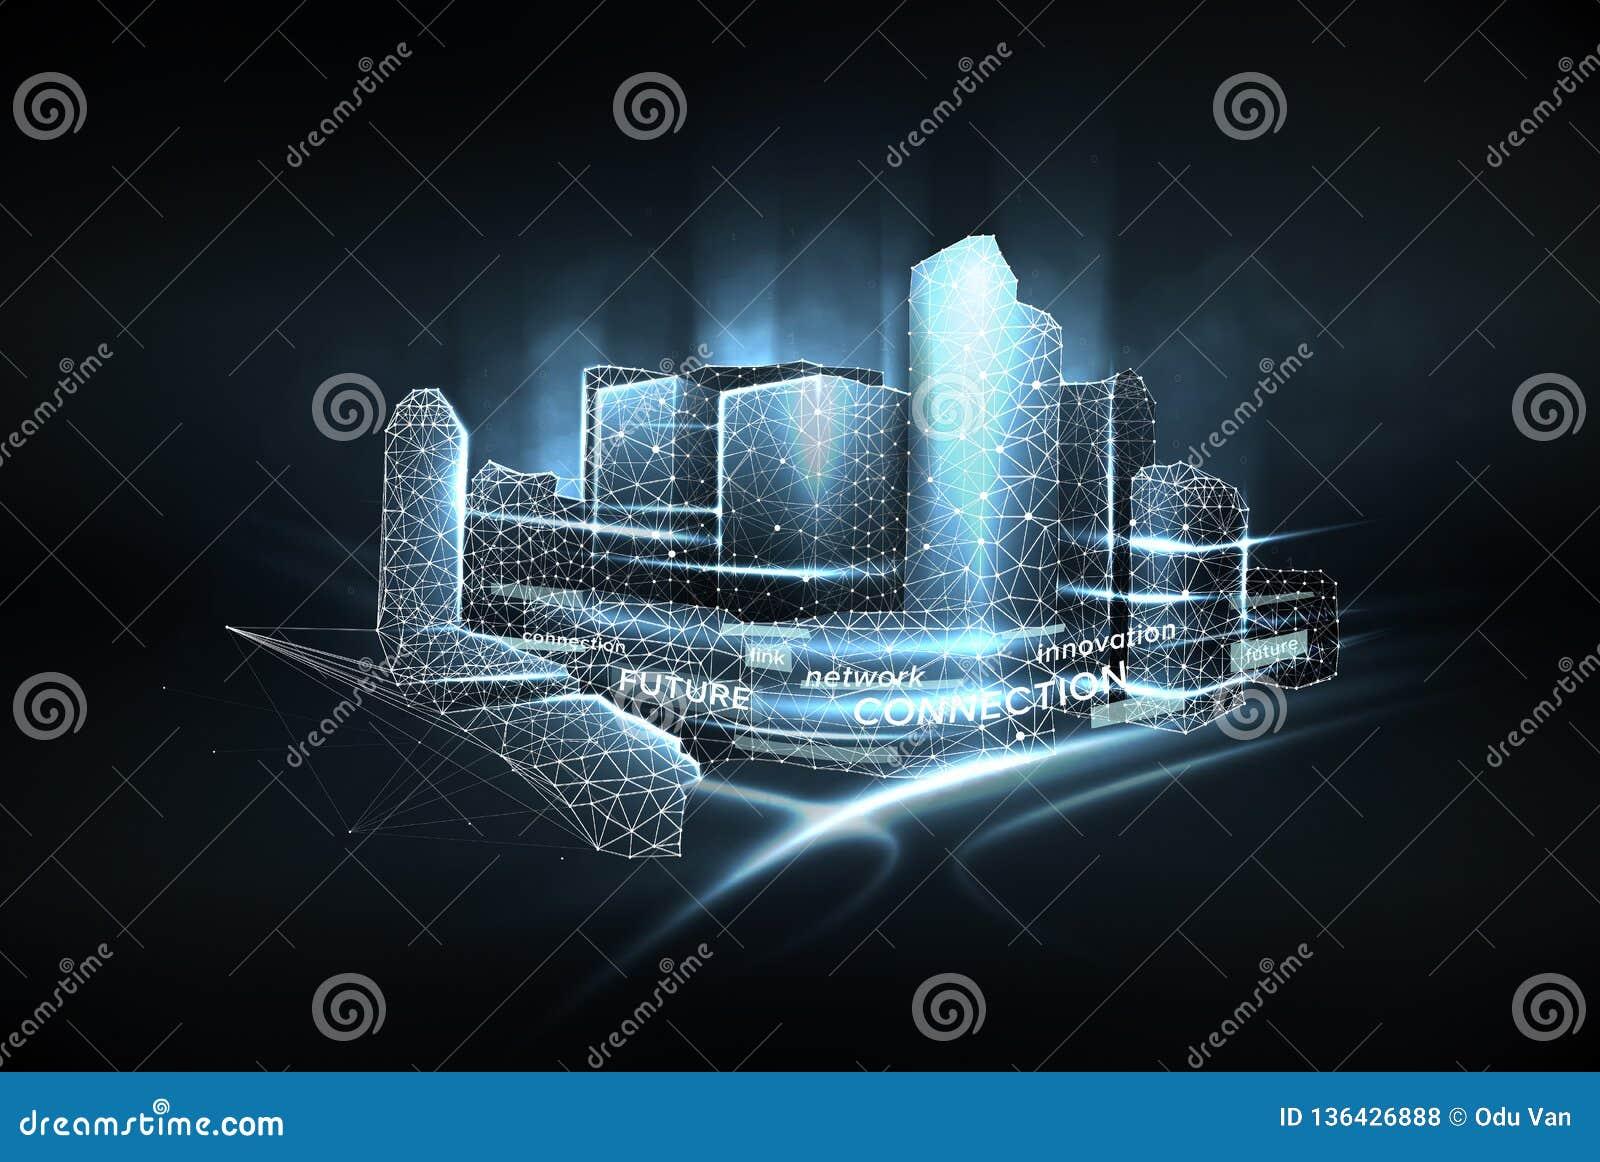 Stads lage polywireframe Concept slim stadsnetwerk, Internet-mededeling en digitaal luchtverkeersbeheersysteem